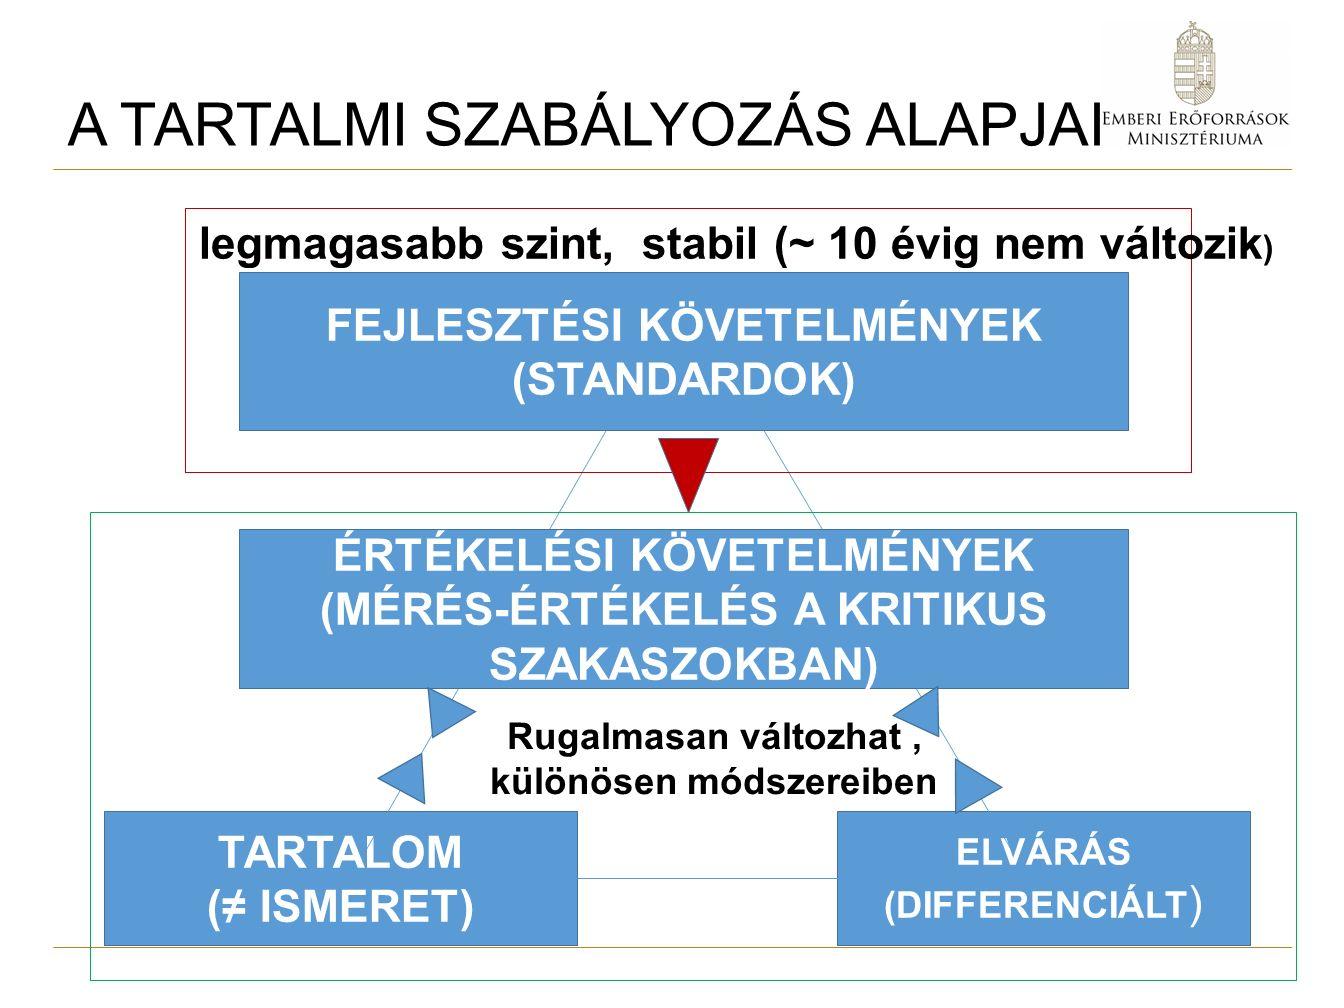 A TARTALMI SZABÁLYOZÁS ALAPJAI TARTALOM (≠ ISMERET) ELVÁRÁS (DIFFERENCIÁLT ) FEJLESZTÉSI KÖVETELMÉNYEK (STANDARDOK) ÉRTÉKELÉSI KÖVETELMÉNYEK (MÉRÉS-ÉRTÉKELÉS A KRITIKUS SZAKASZOKBAN) legmagasabb szint, stabil (~ 10 évig nem változik ) Rugalmasan változhat, különösen módszereiben